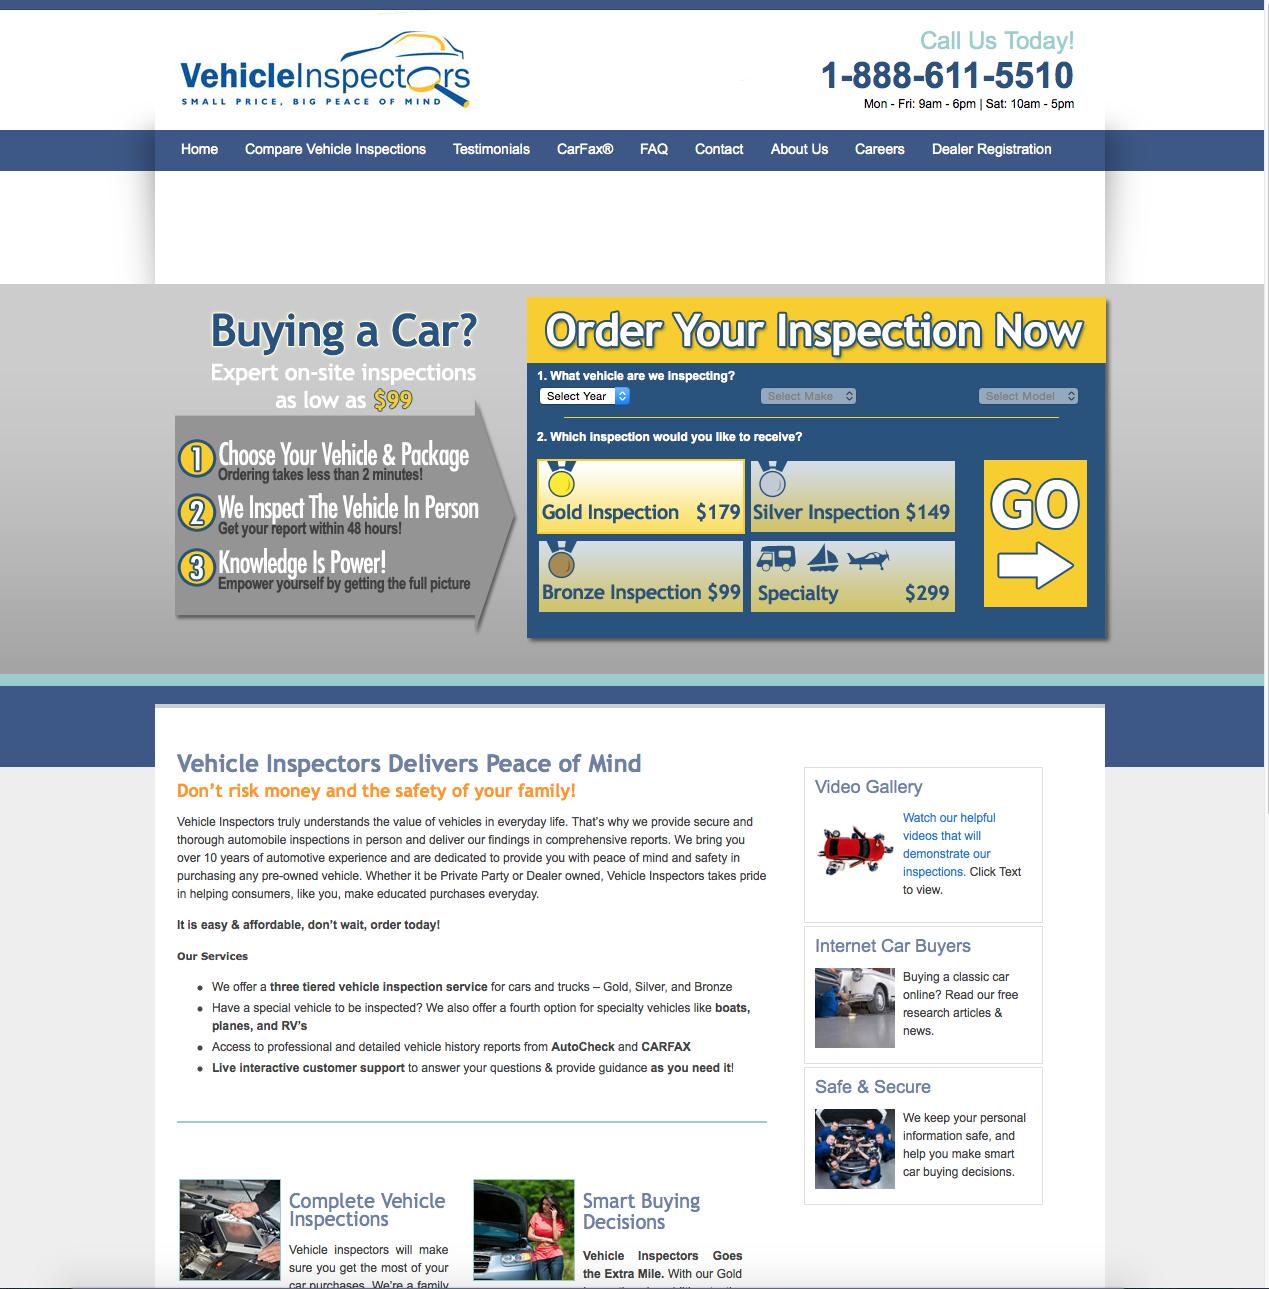 VehicleInspectors.com